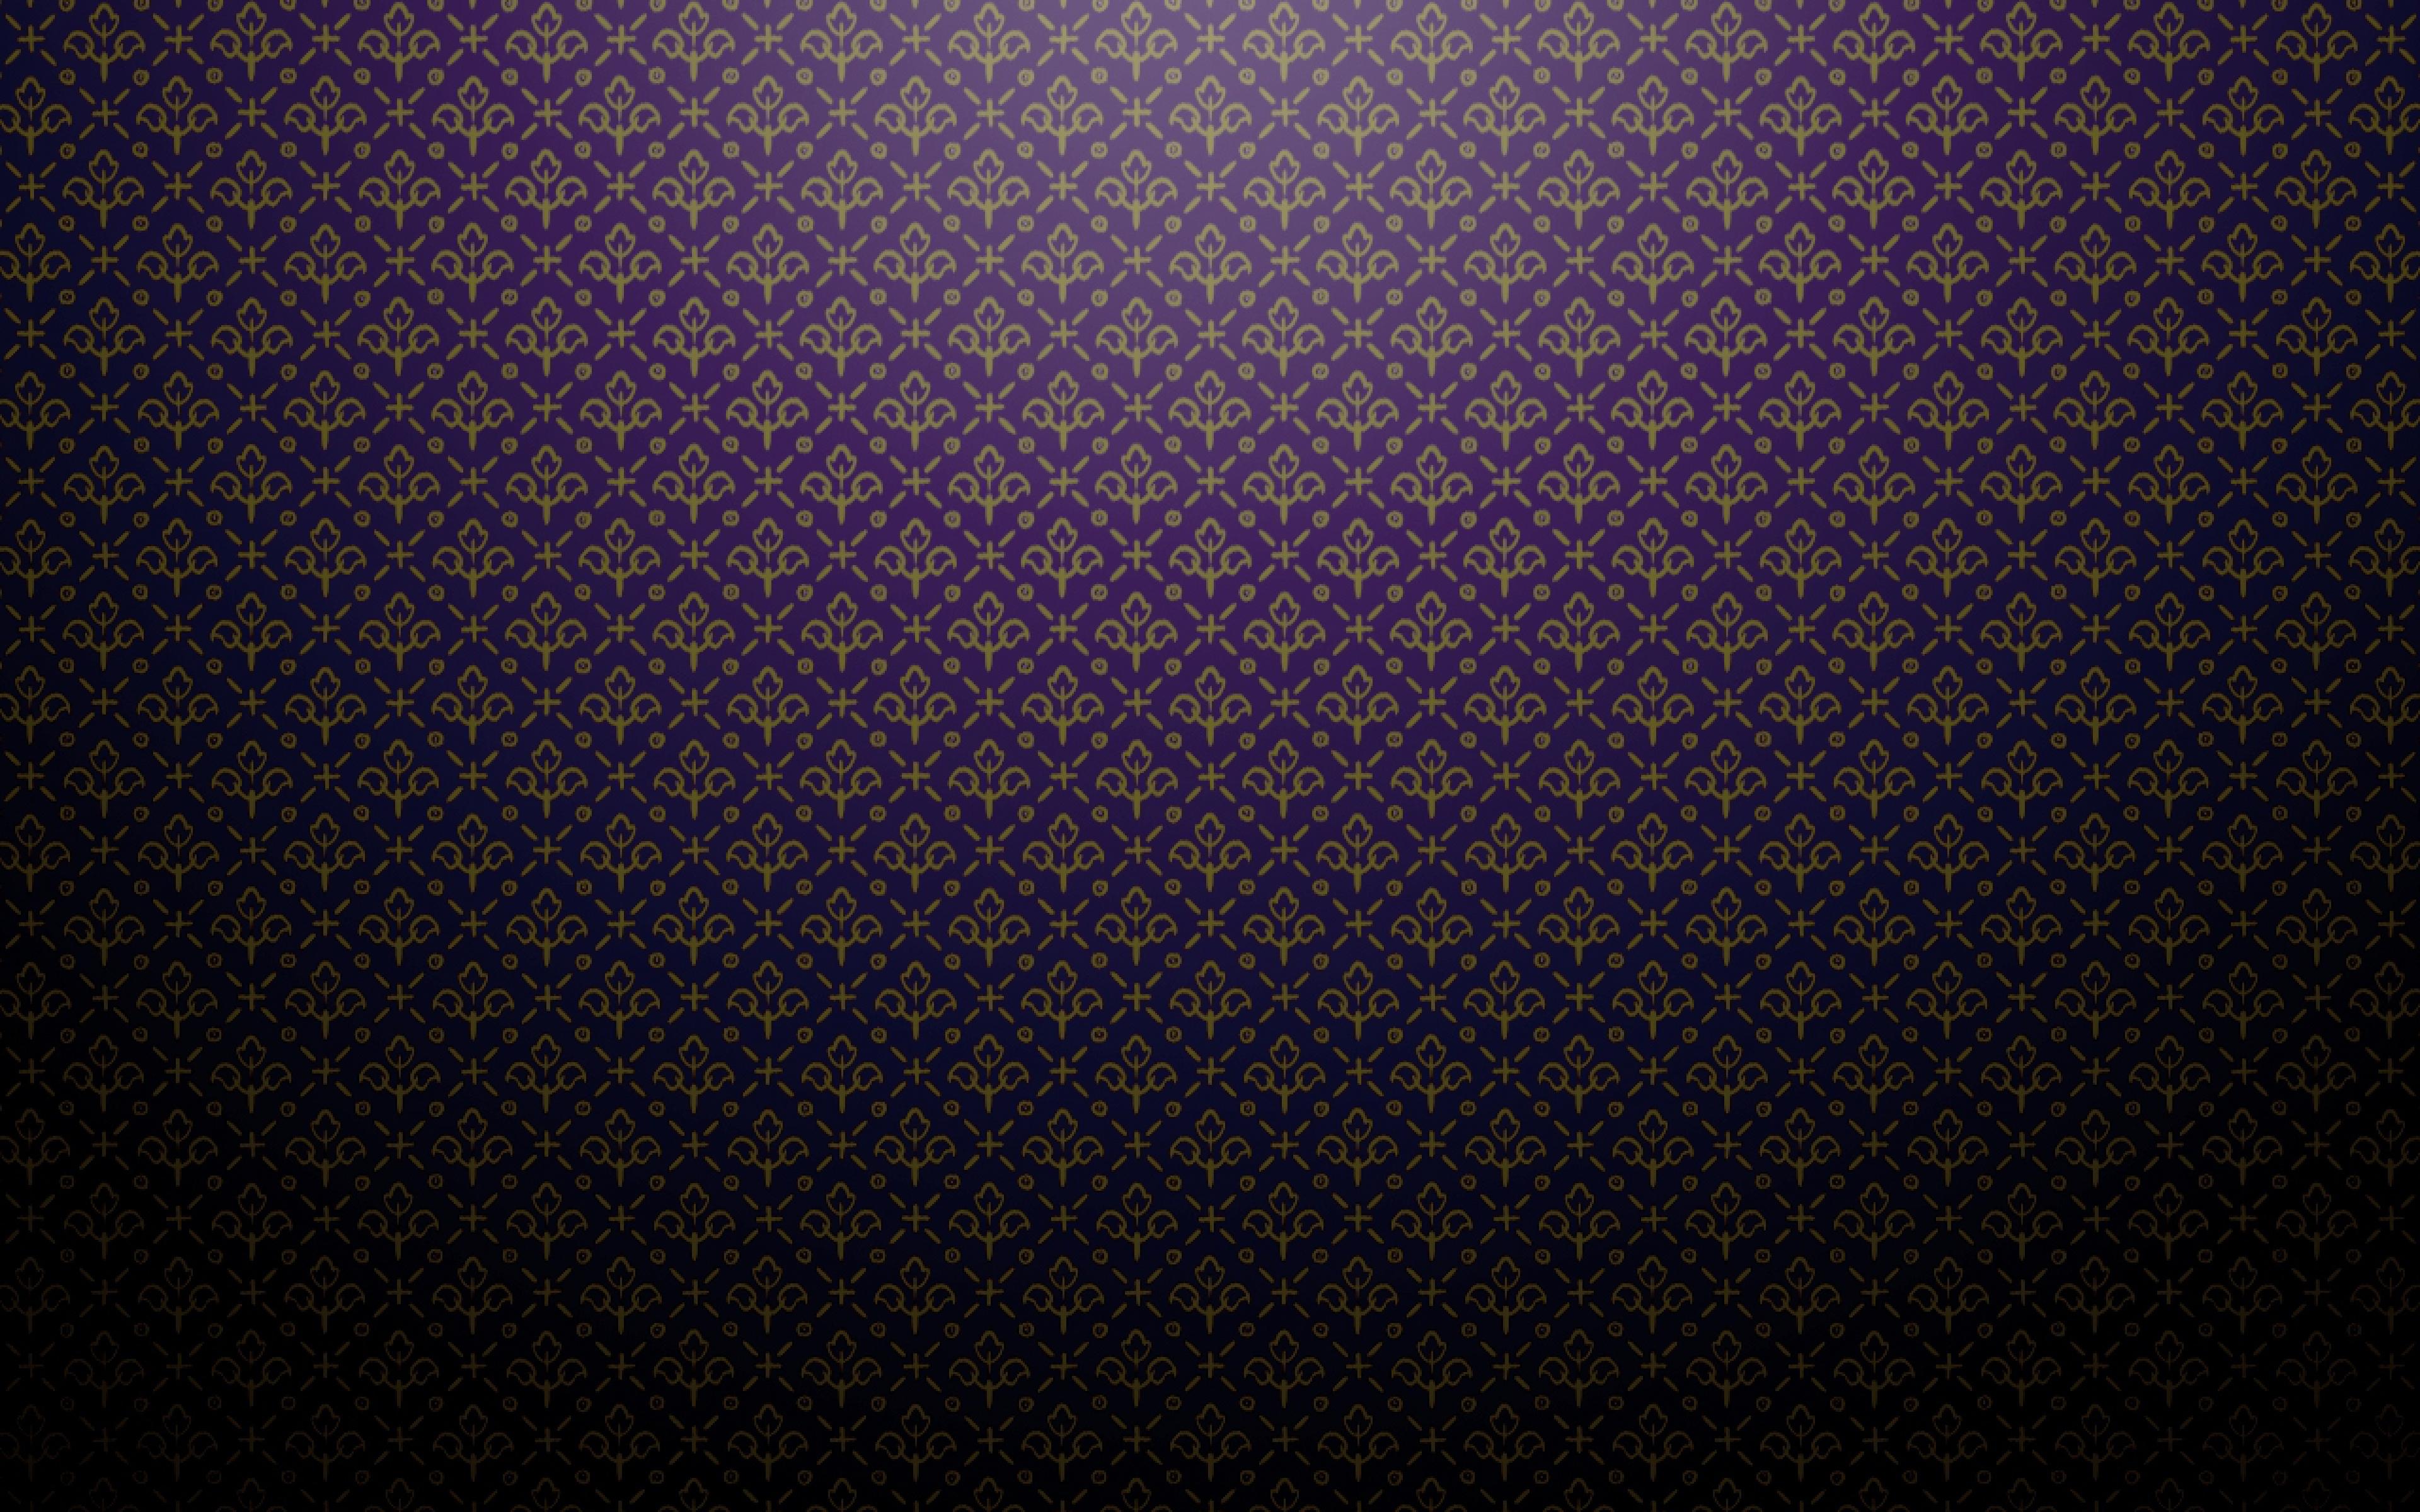 Wallpaper 3840x2400 purple dark patterns shadows Ultra HD 4K 3840x2400